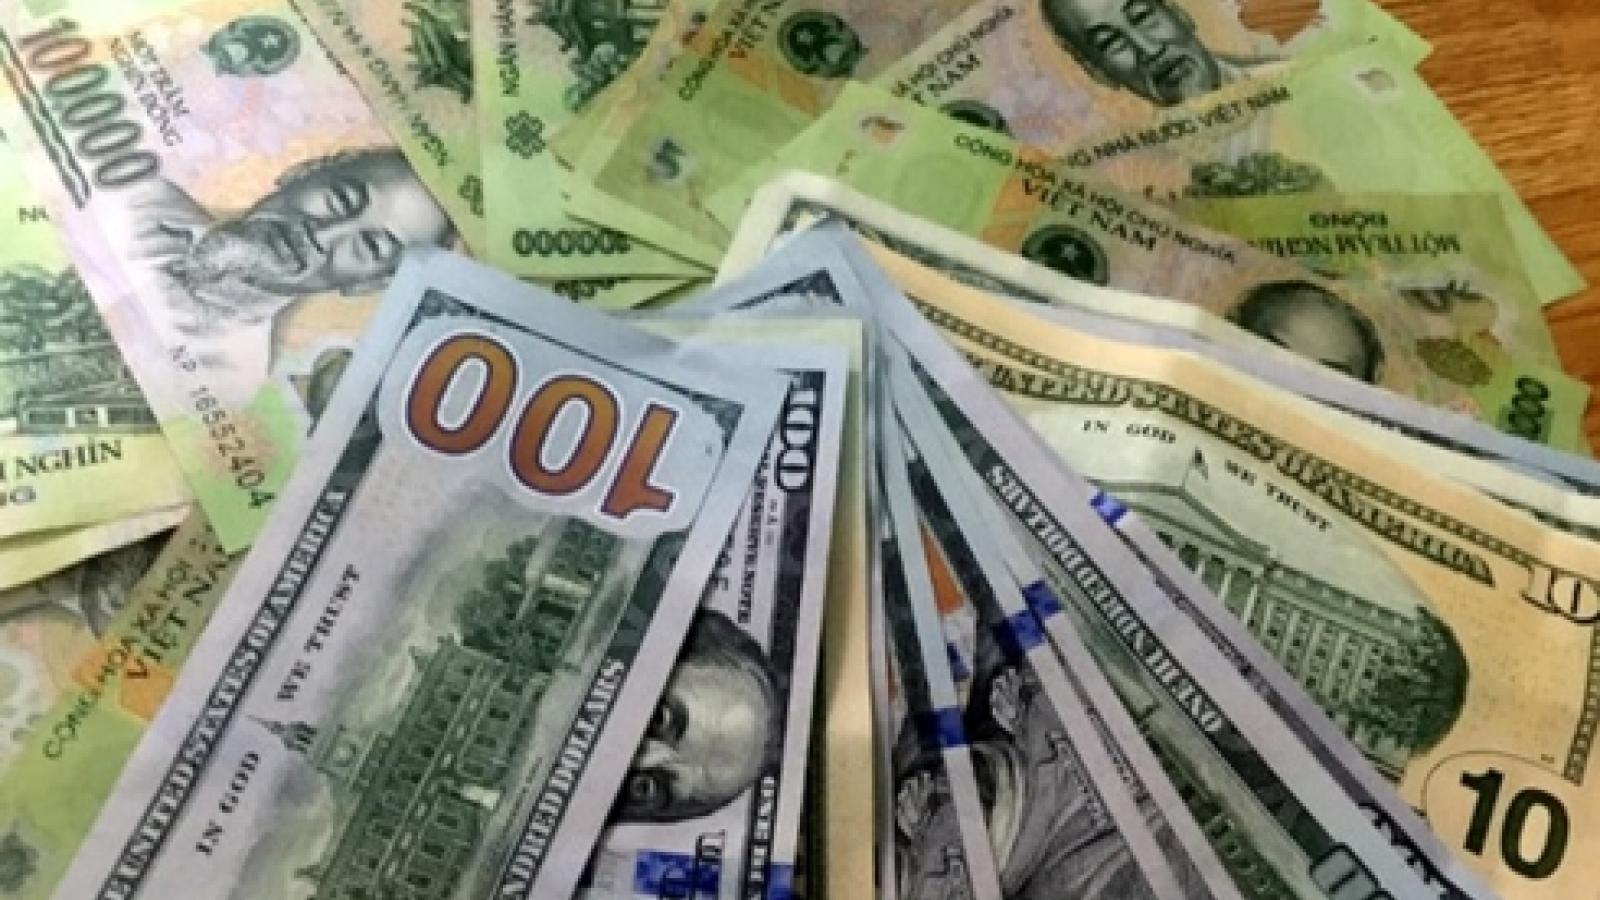 Tỷ giá trung tâm hôm nay giảm xuống còn 23.152 VND/USD